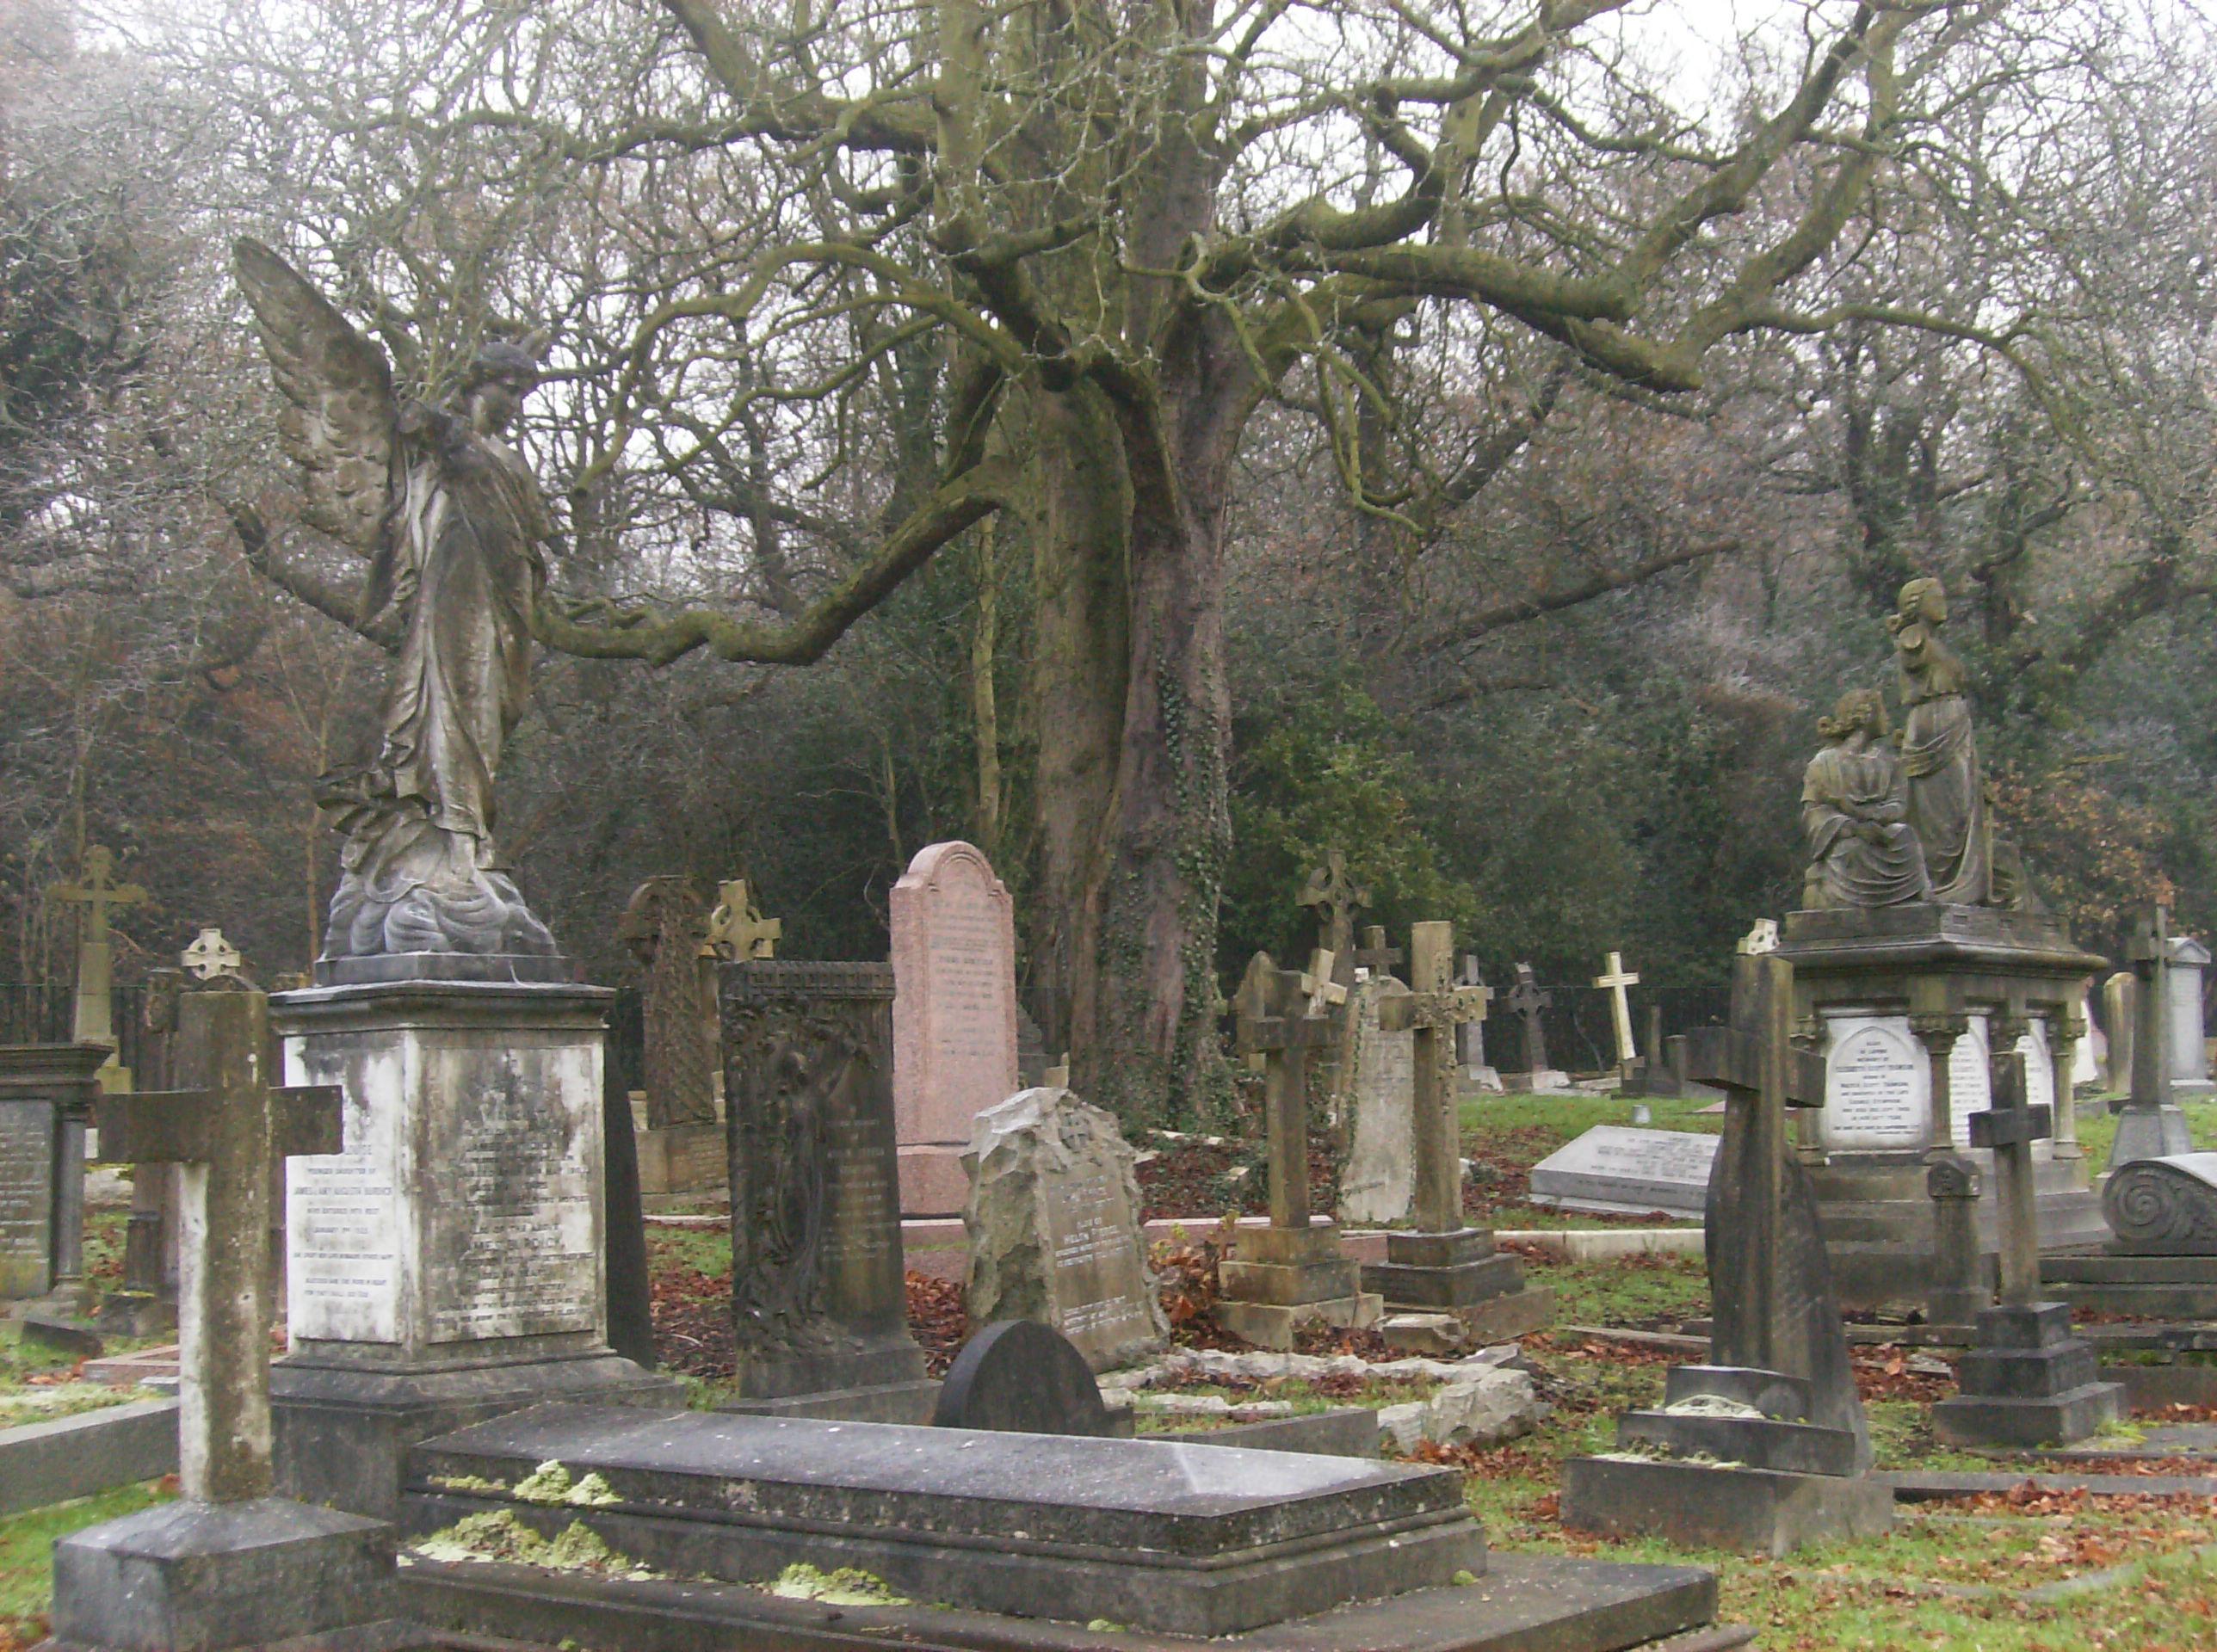 Putney Vale Cemetery and Crematorium